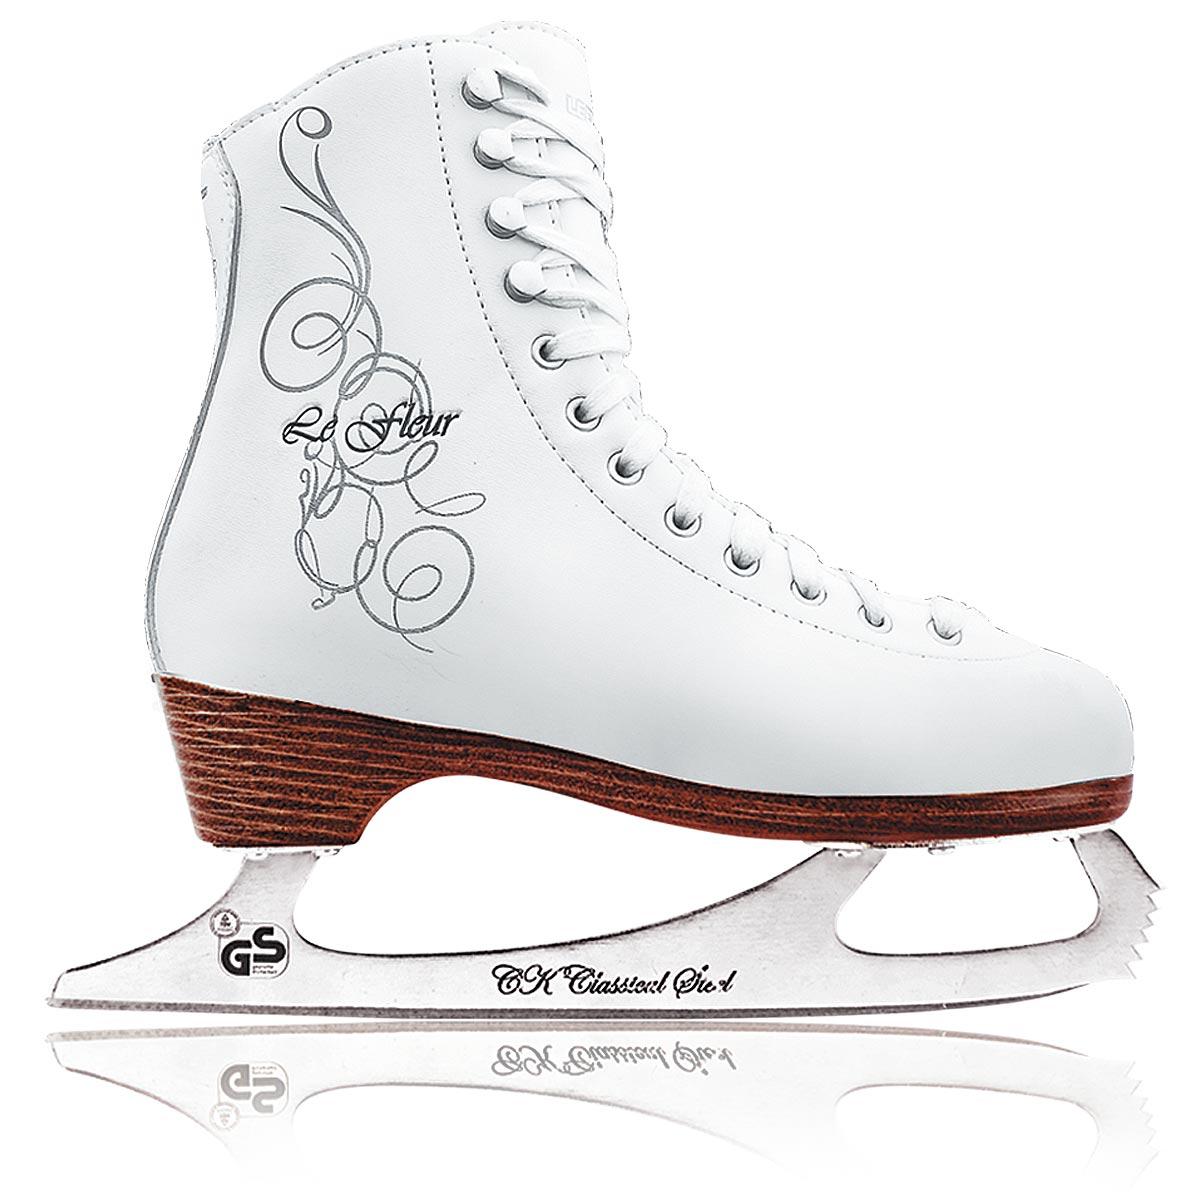 Коньки фигурные для девочки СК Le Fleur Leather 100%, цвет: белый, серебряный. Размер 28Le Fleur Leather 100%_белый, серебряный_28